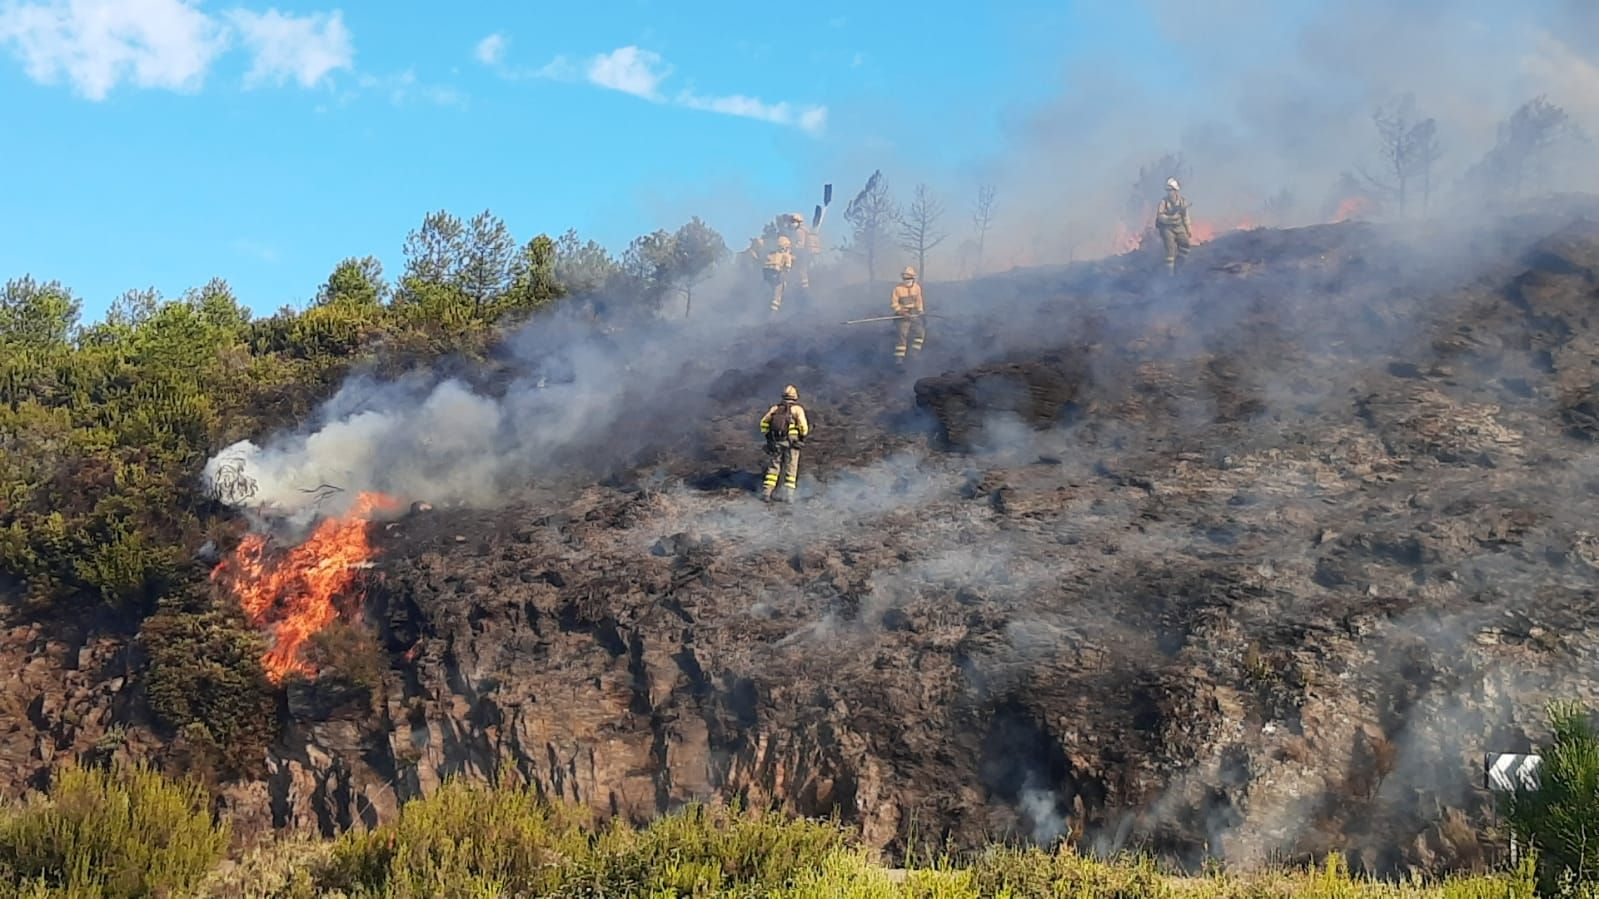 GALERÍA | El incendio en Pedralba de la Pradería, en imágenes